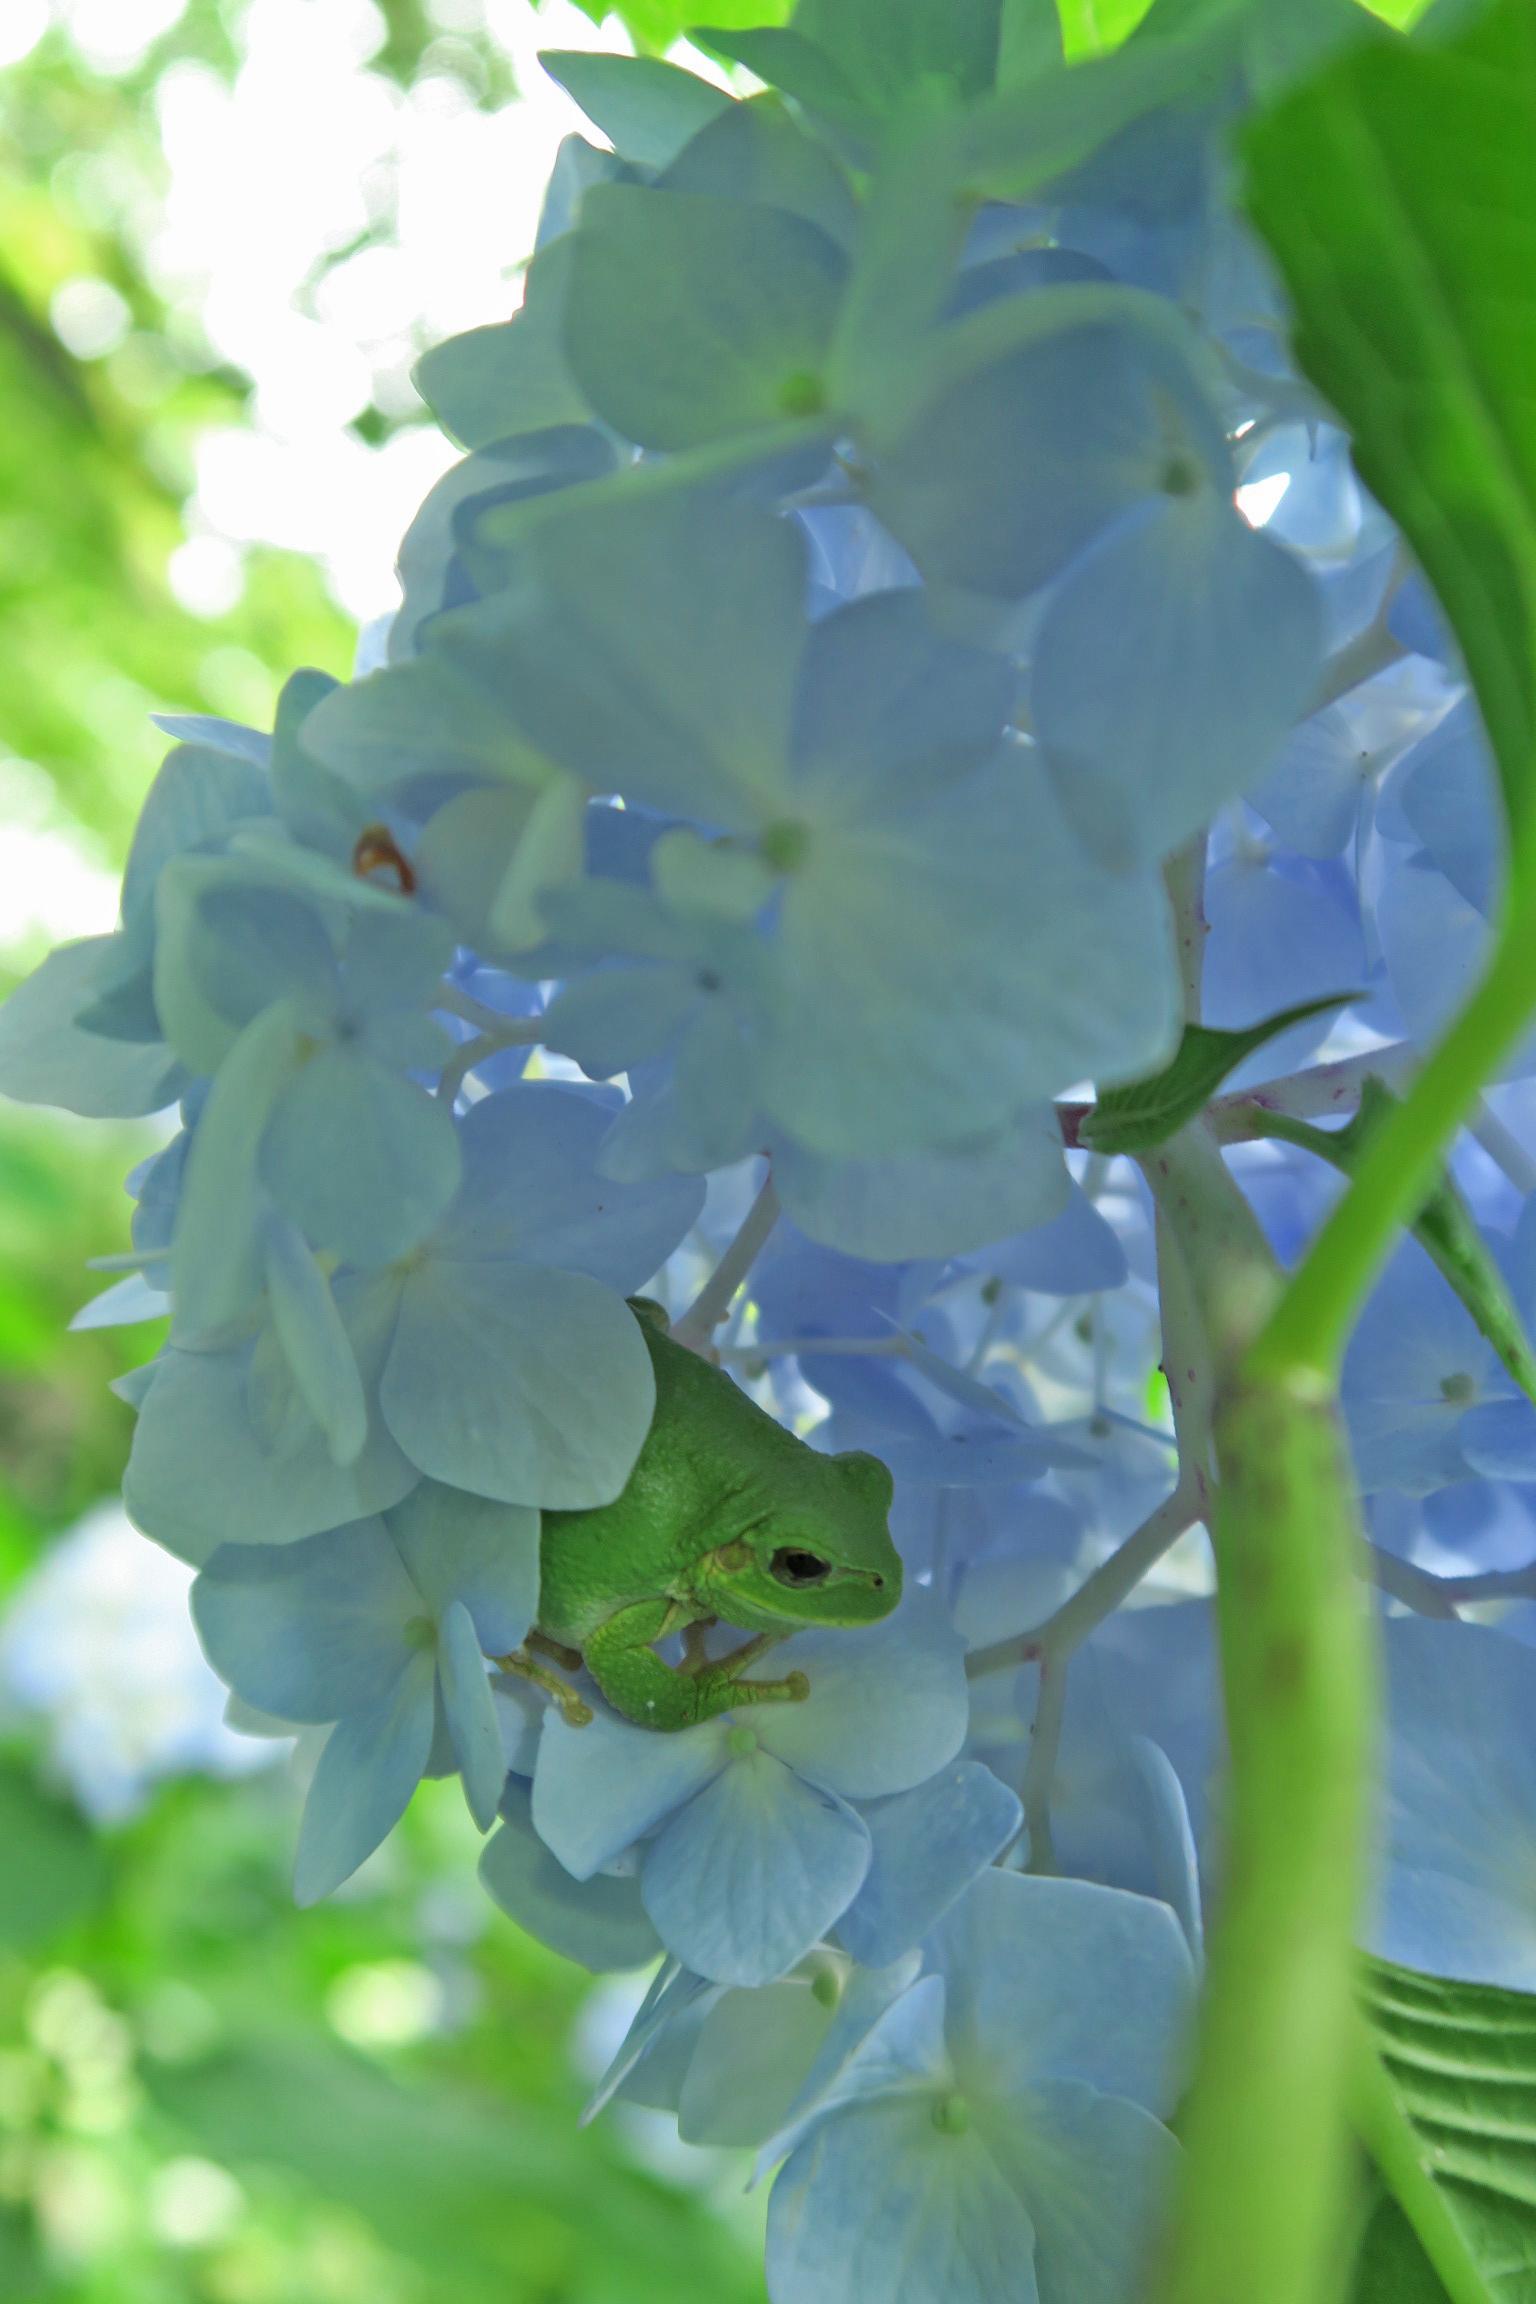 アジサイの花の中にカエルがいました。ちょっと太りぎみのような感じ。確かにエサは豊富かも・・・。